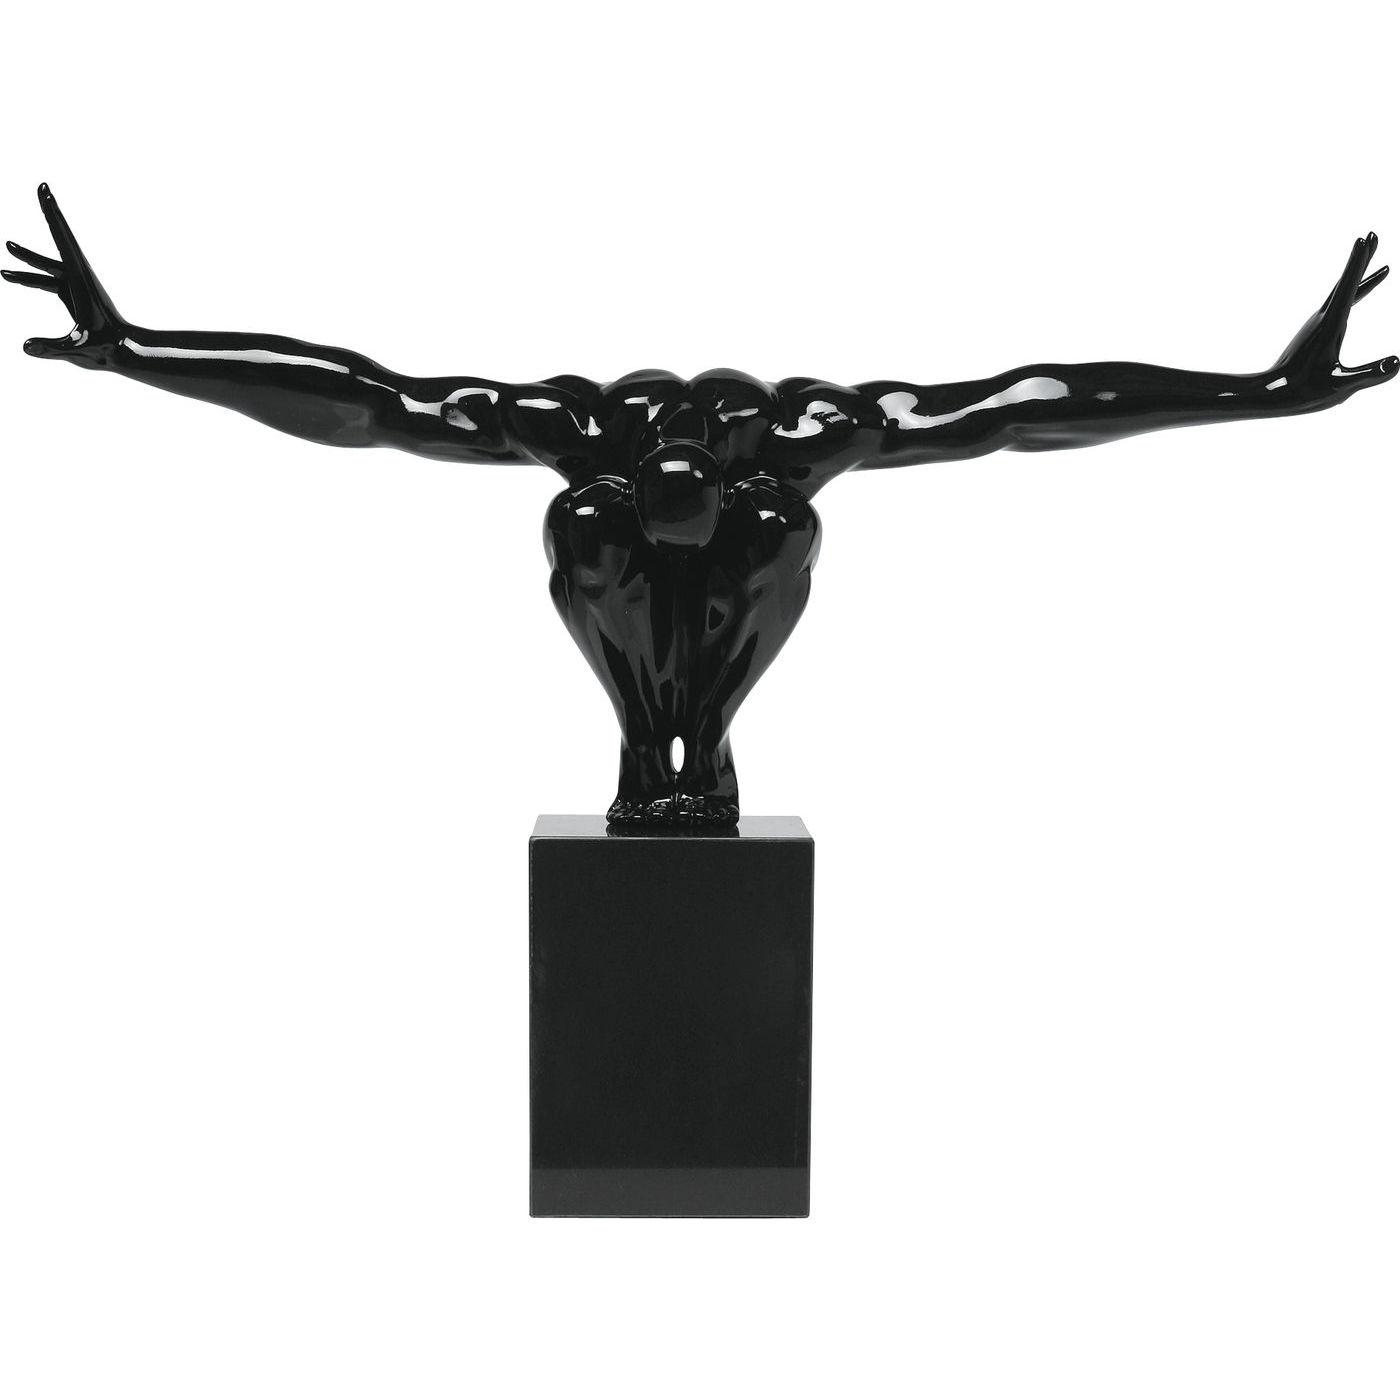 Kare design skulptur, athlet black - sort glasfiber og marmor, (52x75cm) fra kare design fra boboonline.dk